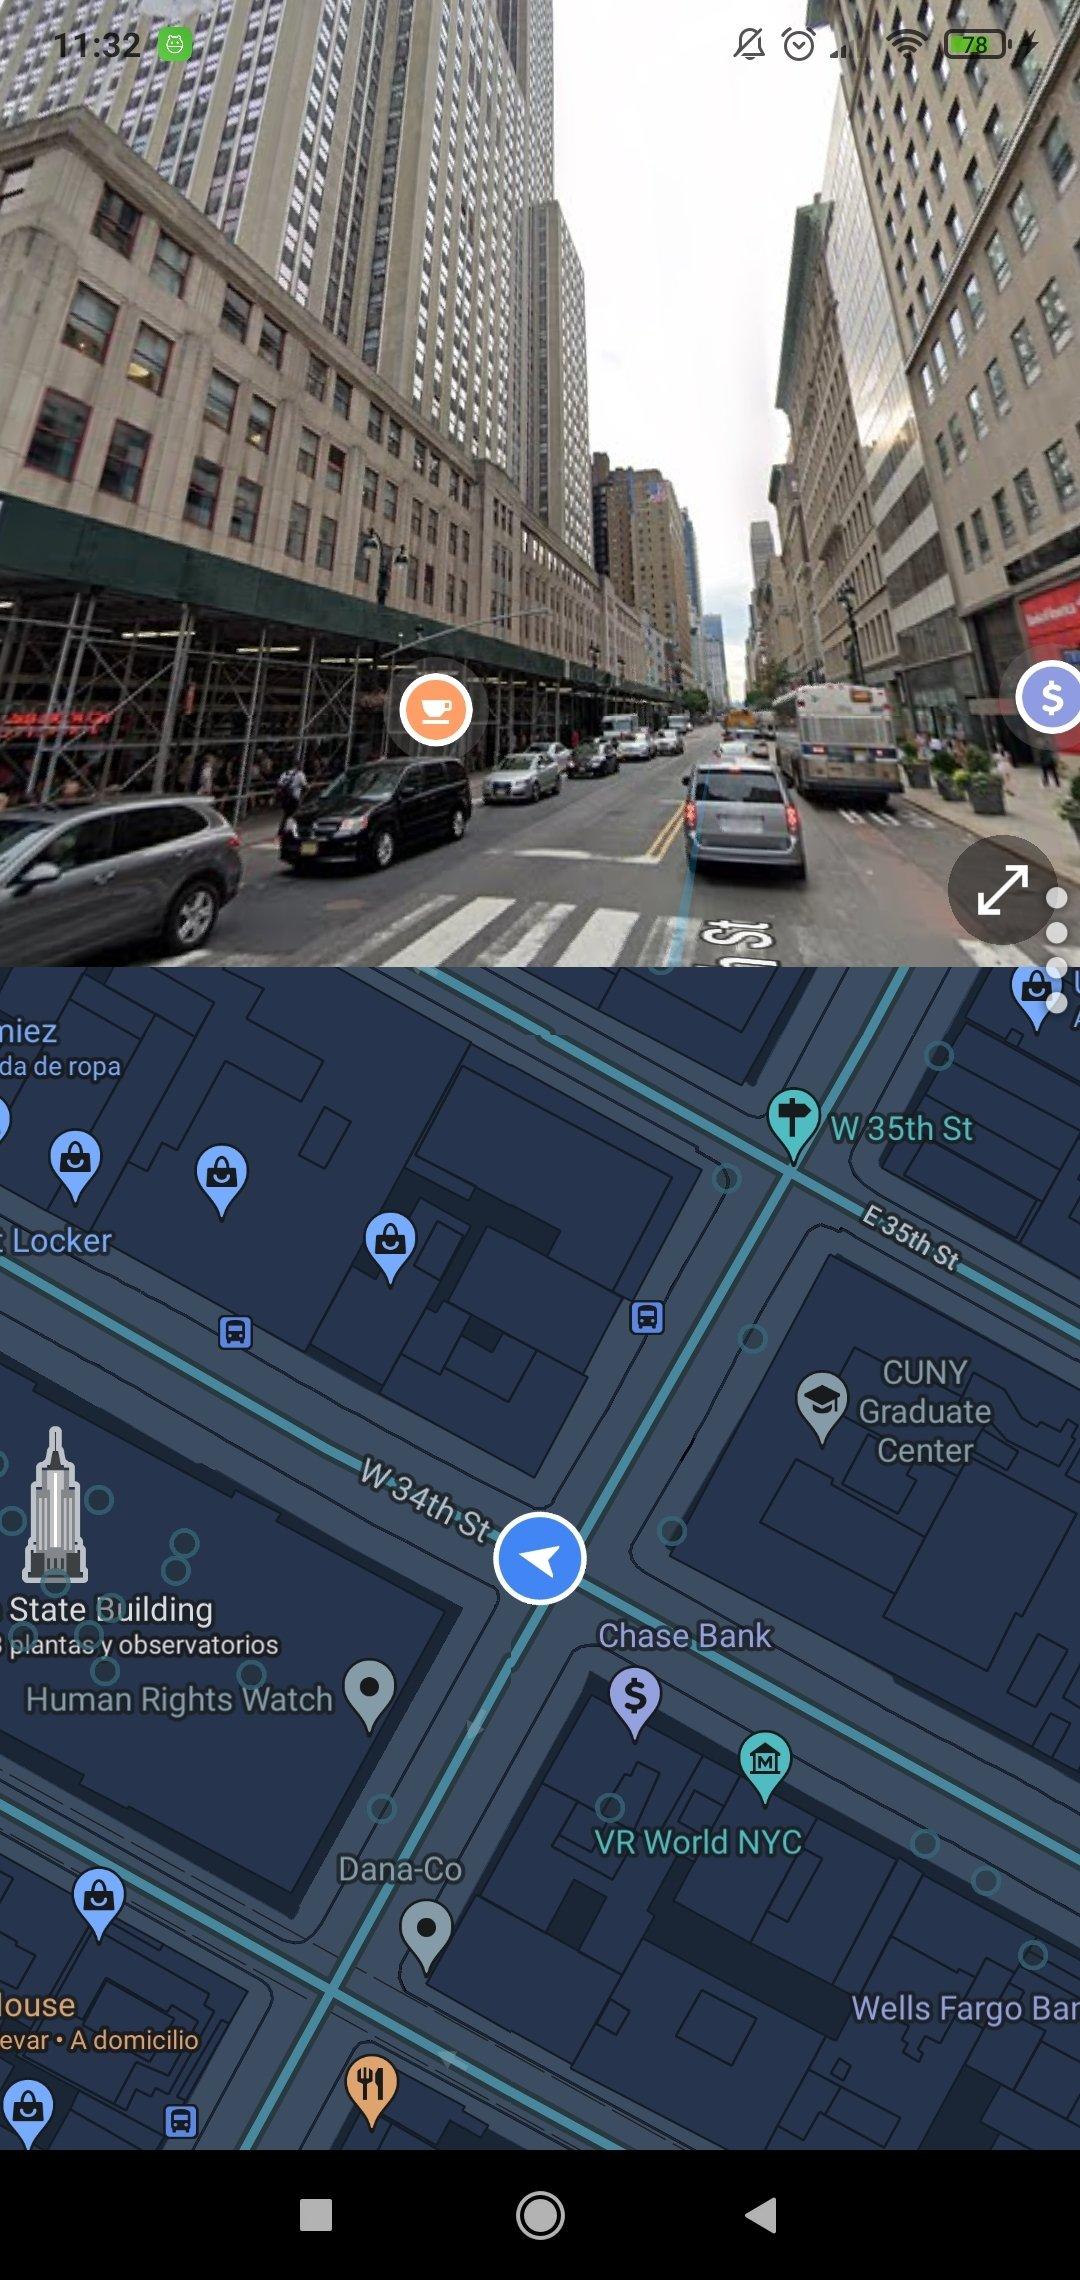 Se muestra la navegación a nivel de calle